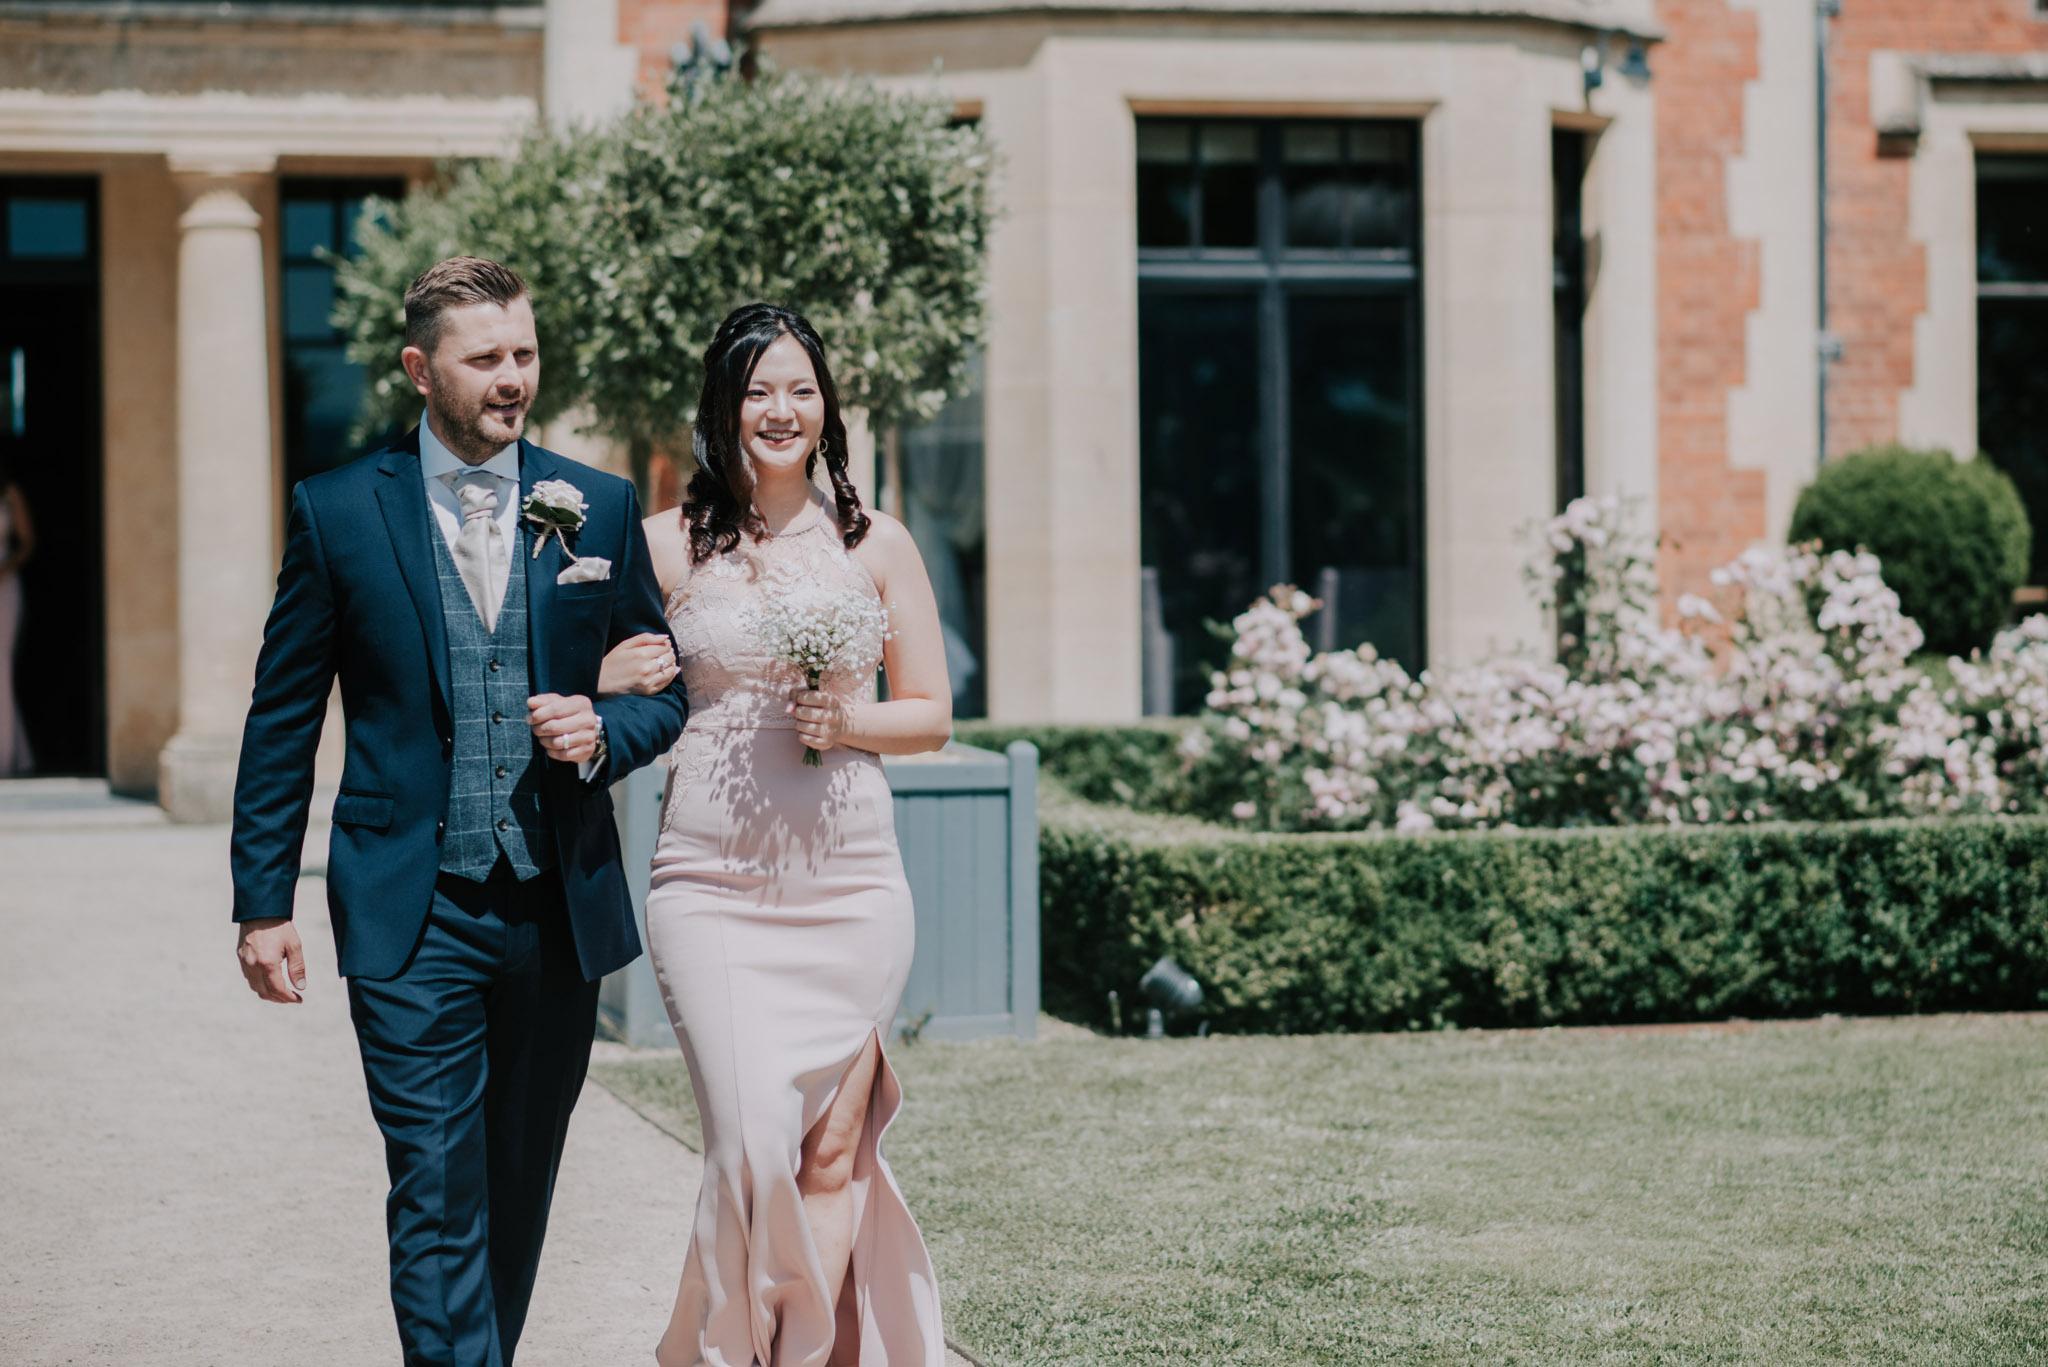 scott-stockwell-wedding-photographer-wood-norton-evesham135.jpg